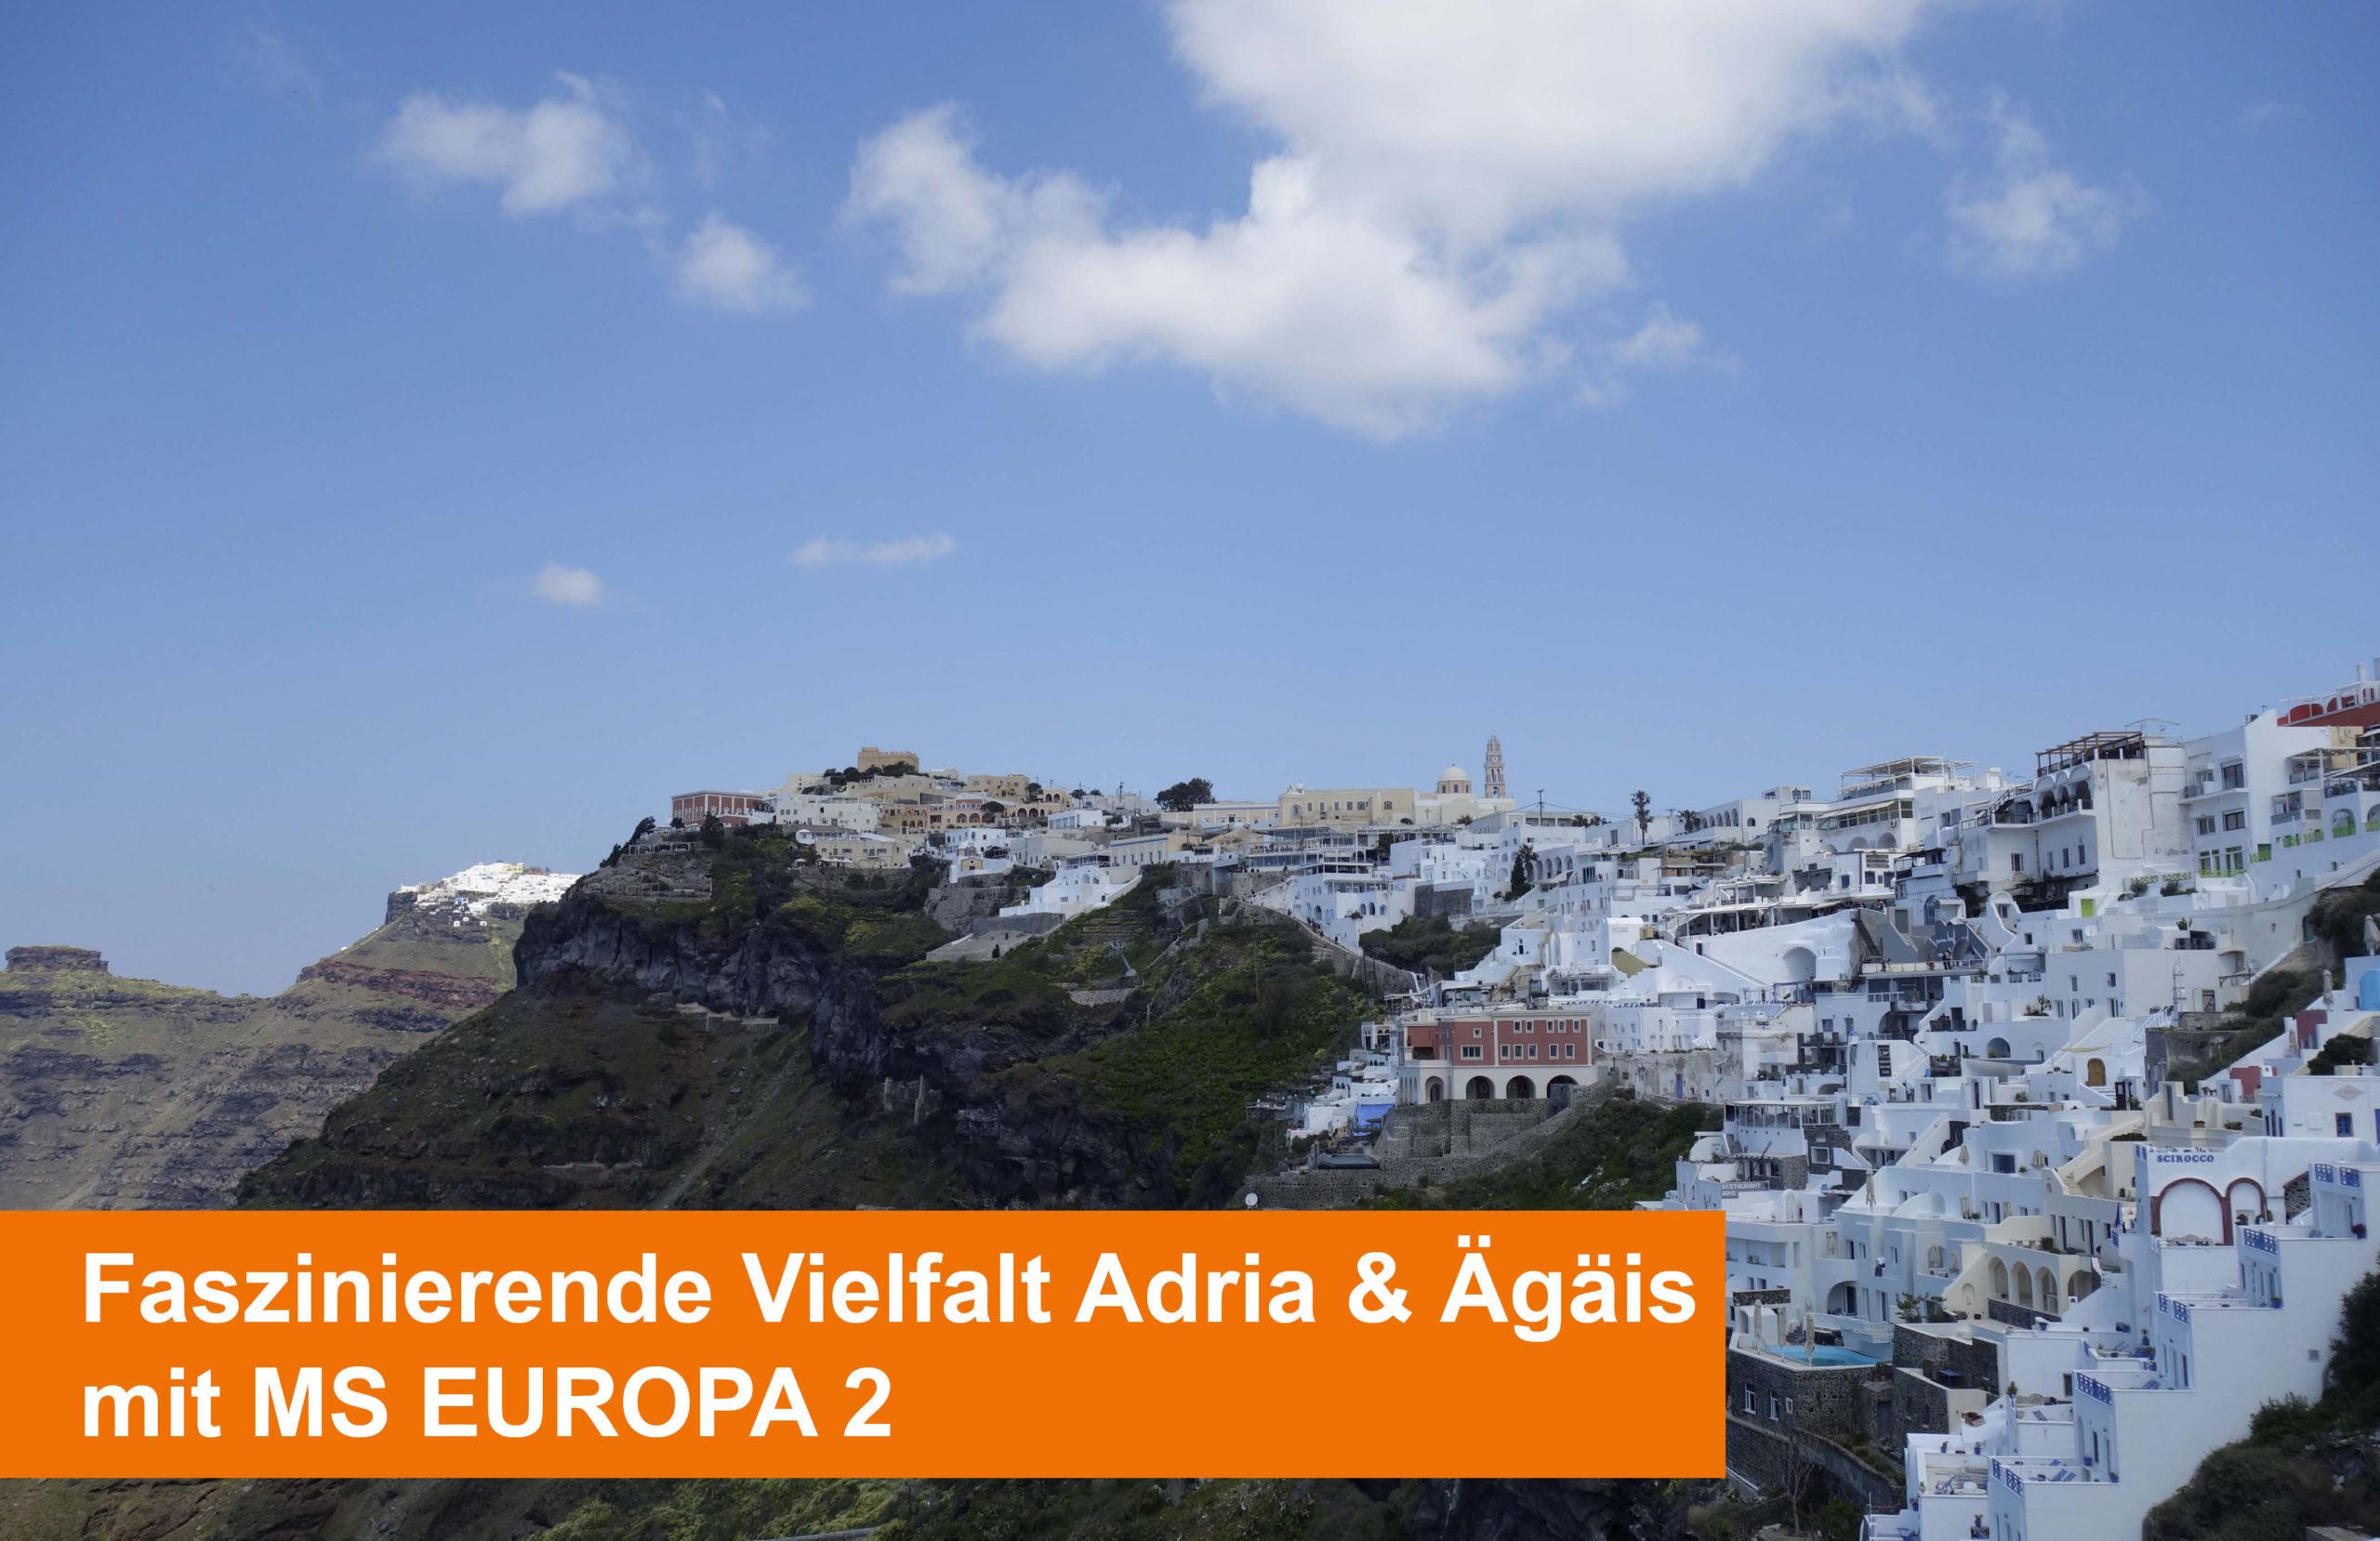 Hapag Lloyd Kreuzfahrten Europa 2 Adria & Ägäis Angebote